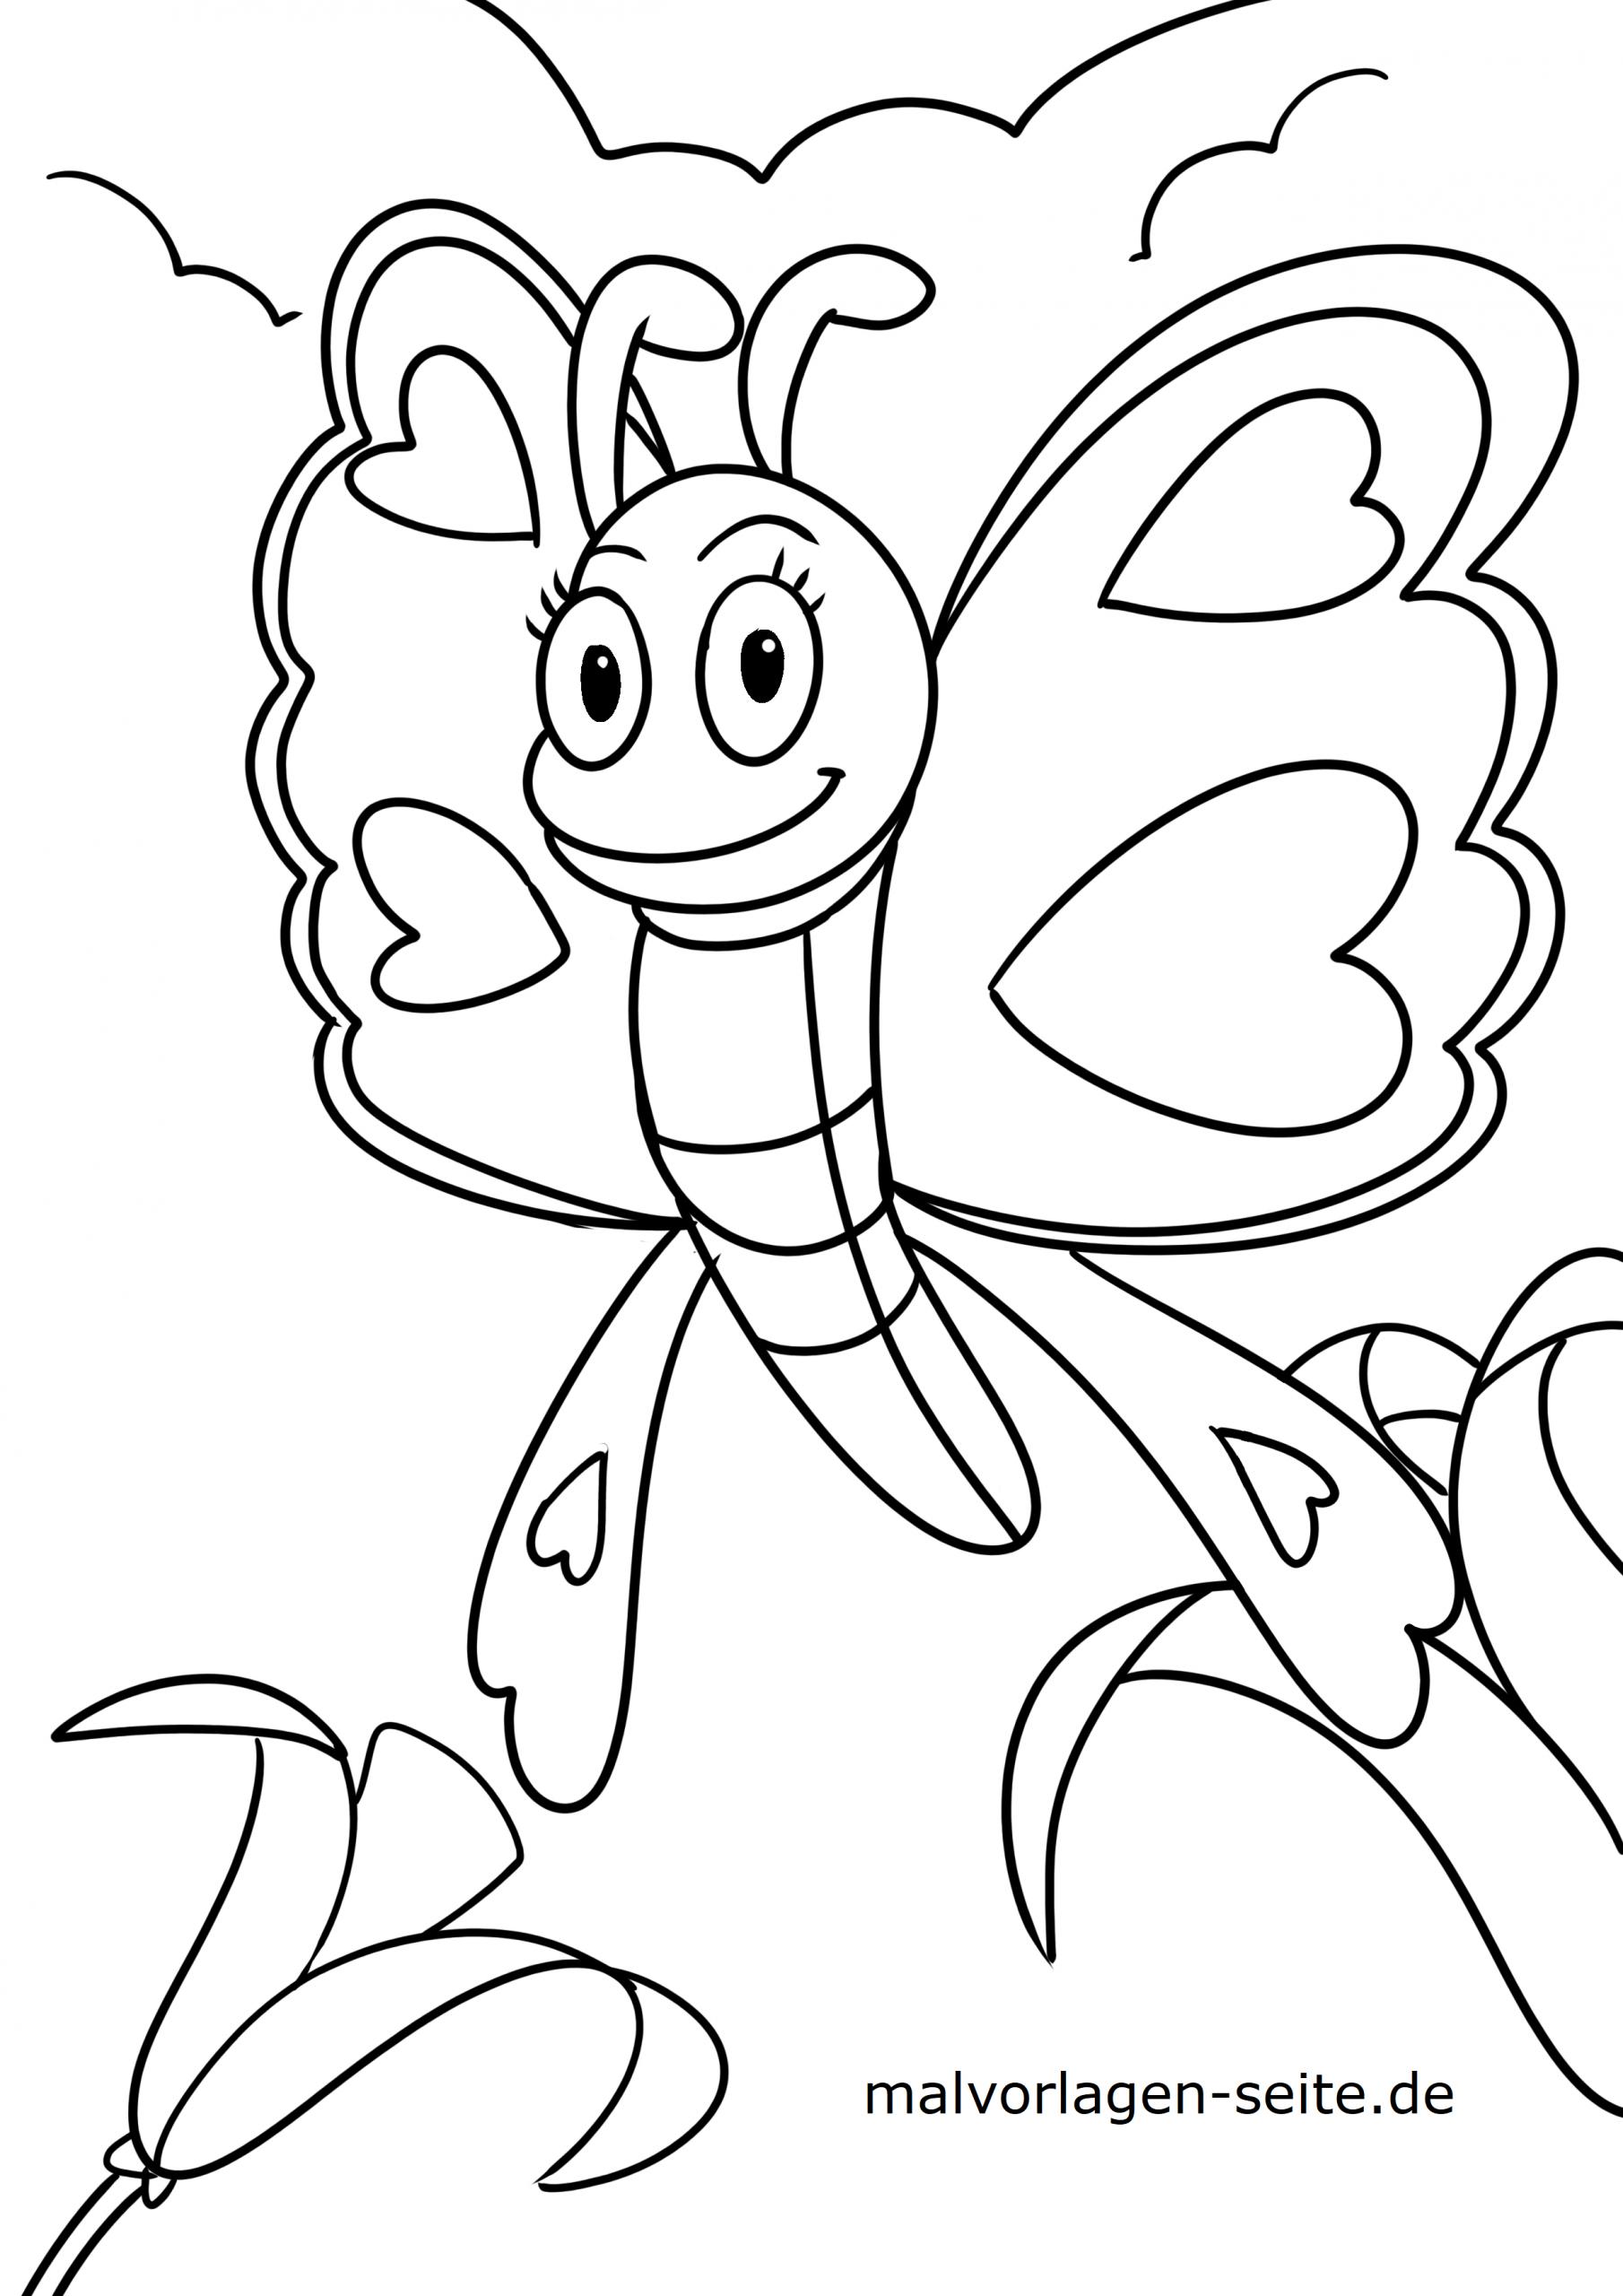 Malvorlage Schmetterling - Ausmalbilder Kostenlos Herunterladen für Malvorlage Schmetterling Kostenlos